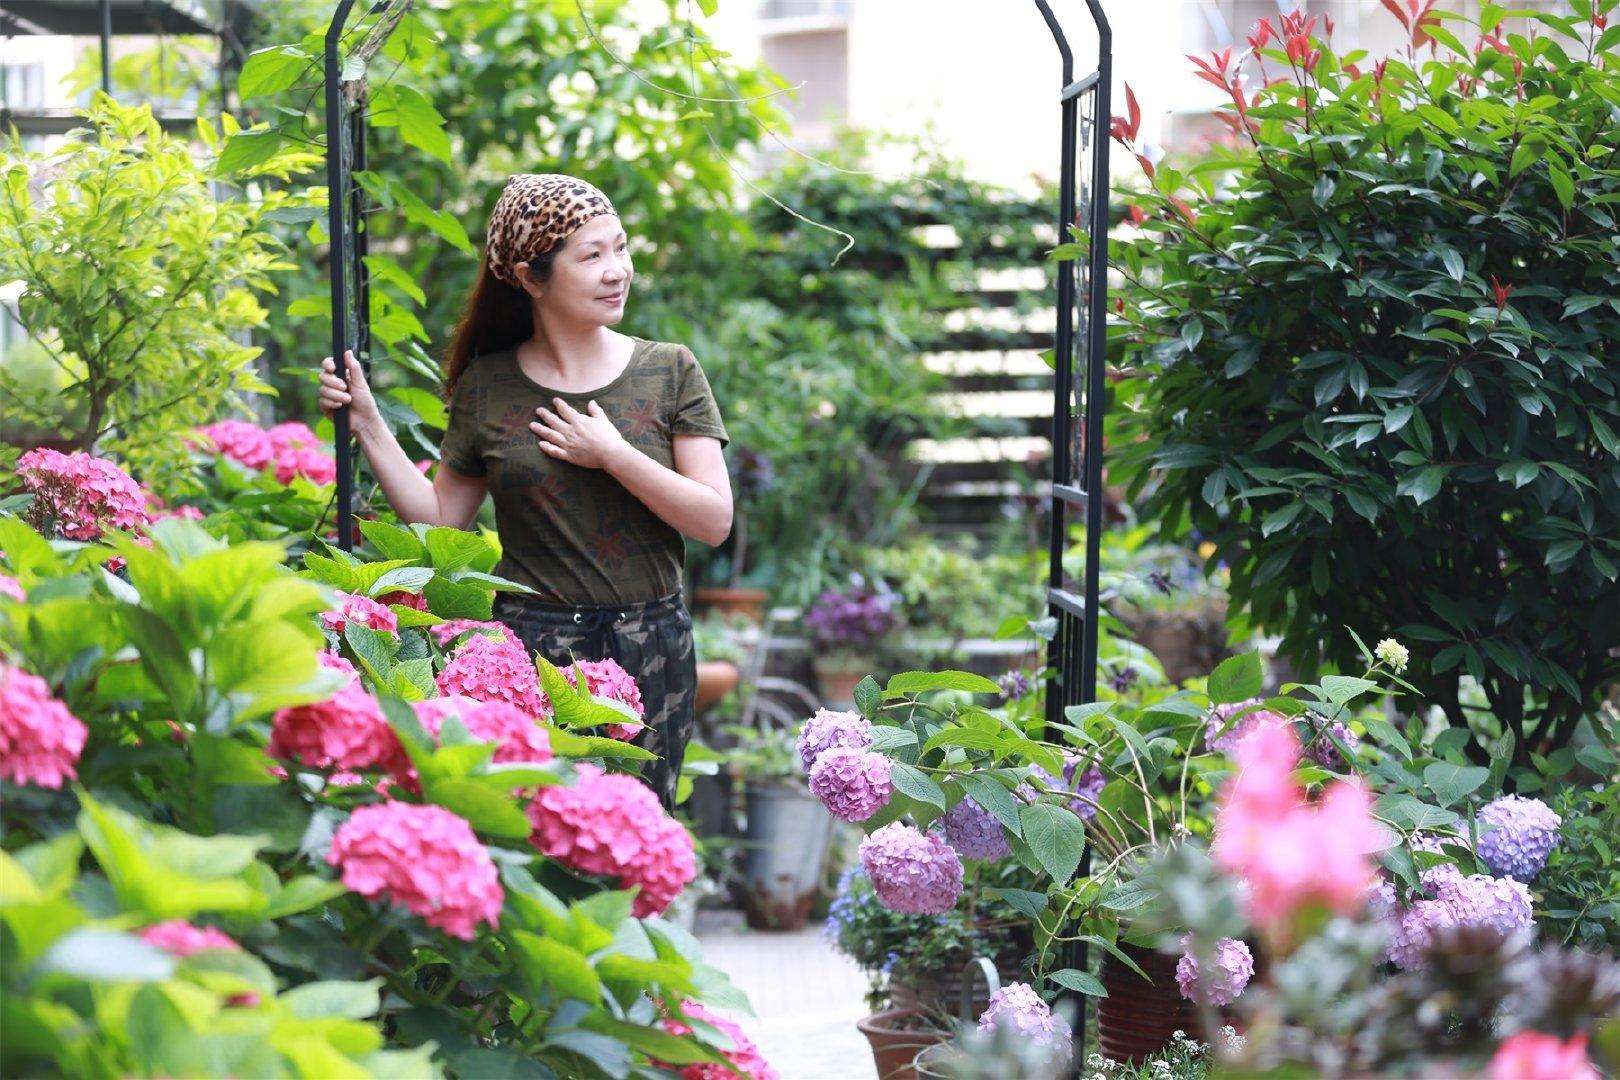 """Khu vườn quanh năm chỉ có """"mùa xuân"""" ở lại của cô giáo dạy Toán xinh đẹp - Ảnh 1."""